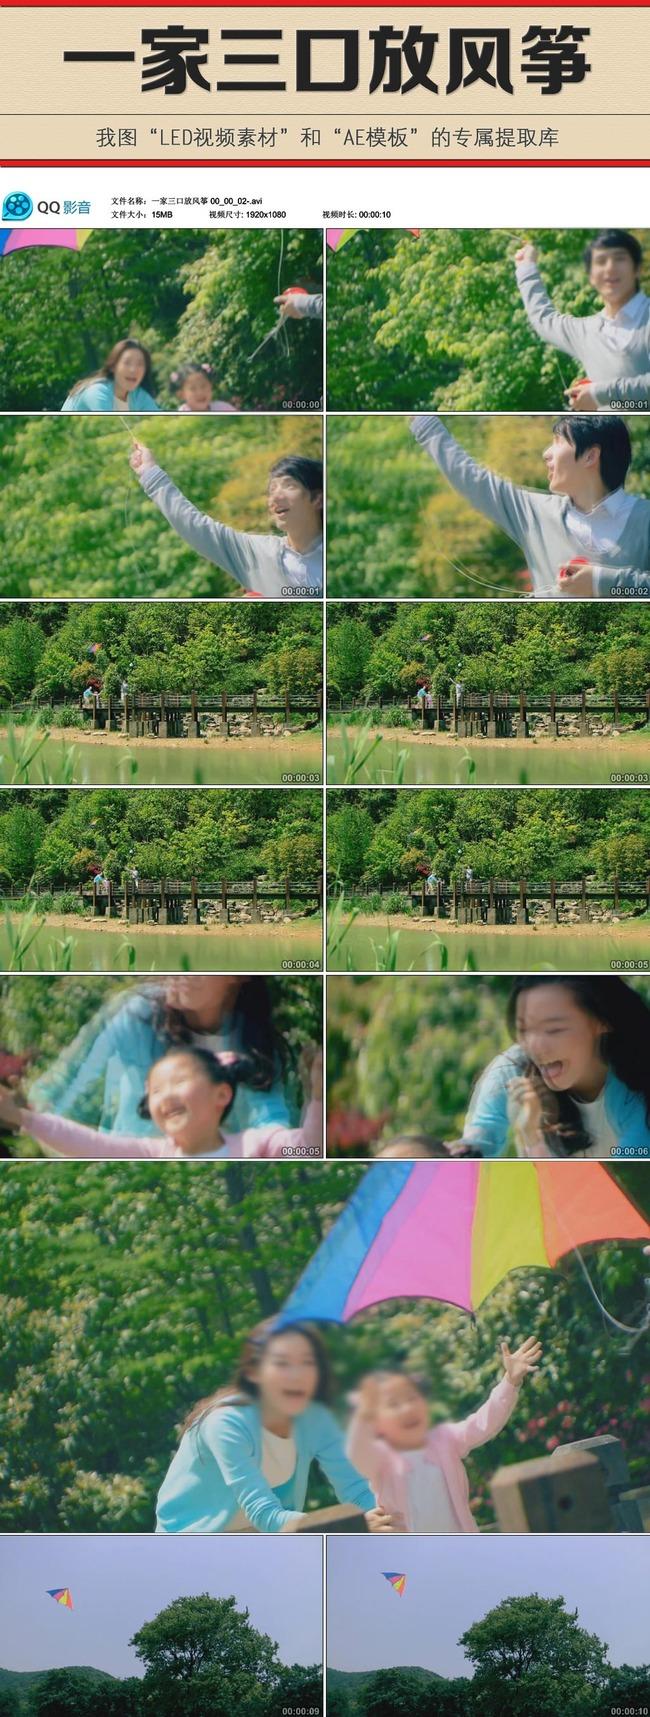 一家三口放风筝高清实拍视频素材图片